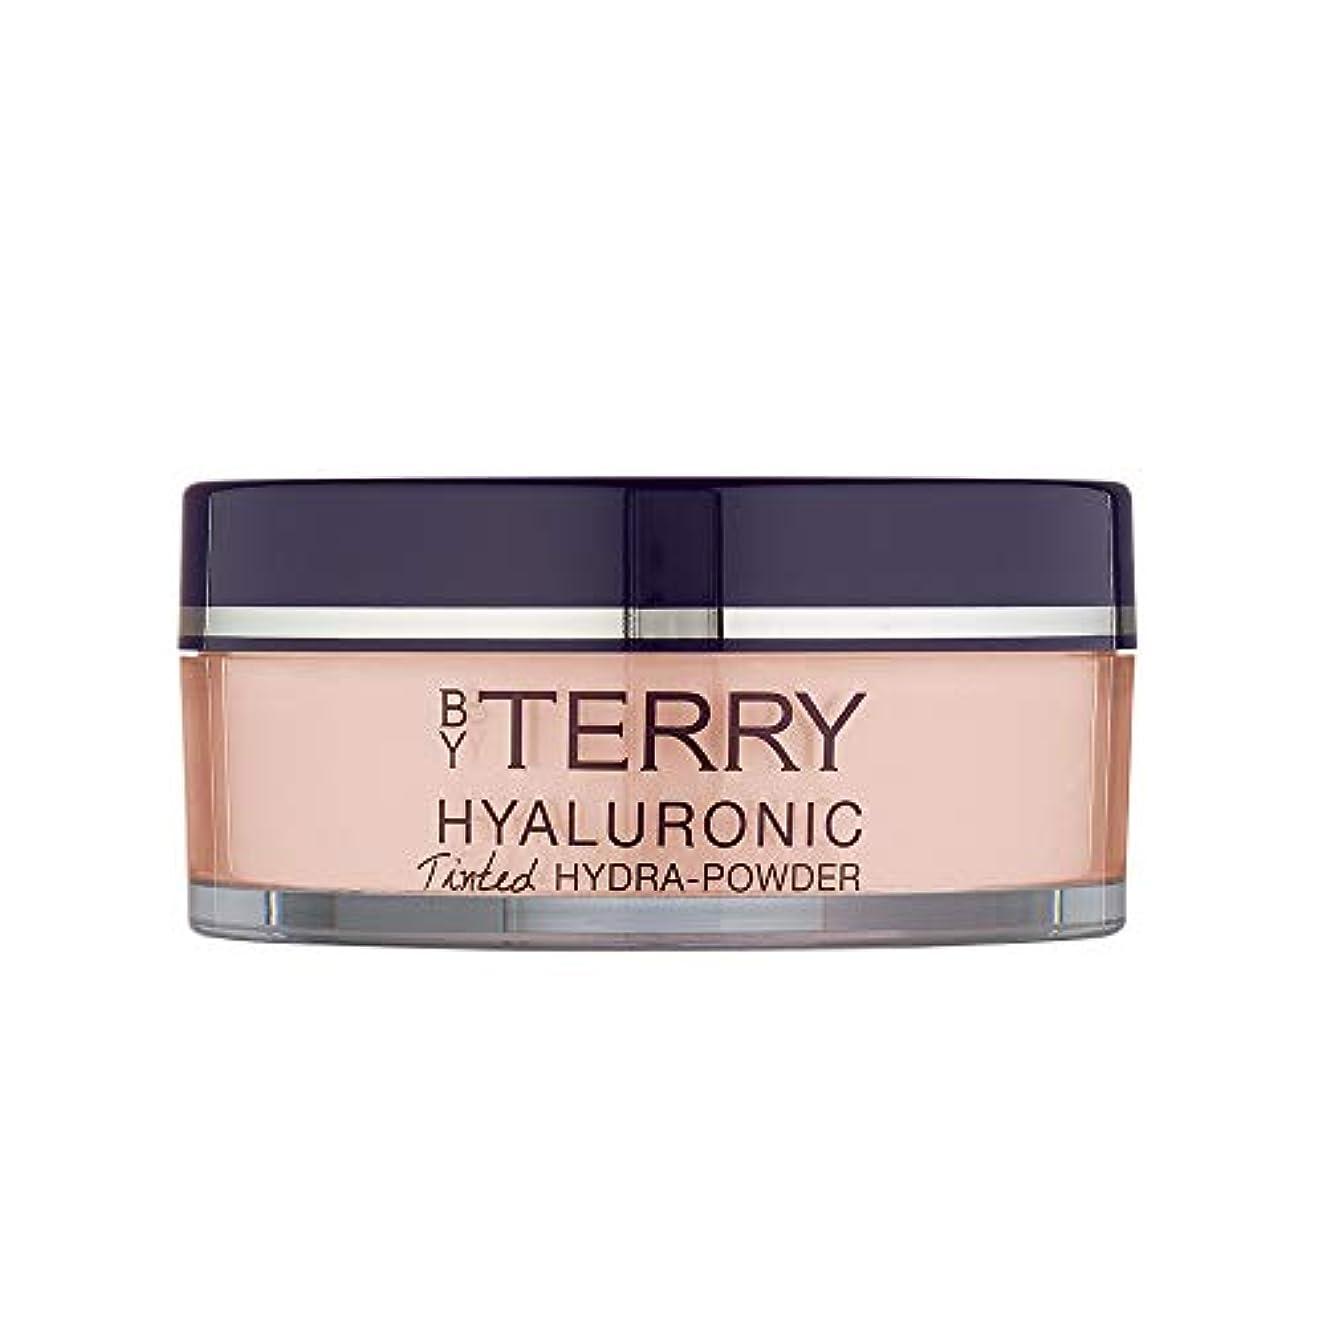 心臓おもしろいニッケルバイテリー Hyaluronic Tinted Hydra Care Setting Powder - # 200 Natural 10g/0.35oz並行輸入品